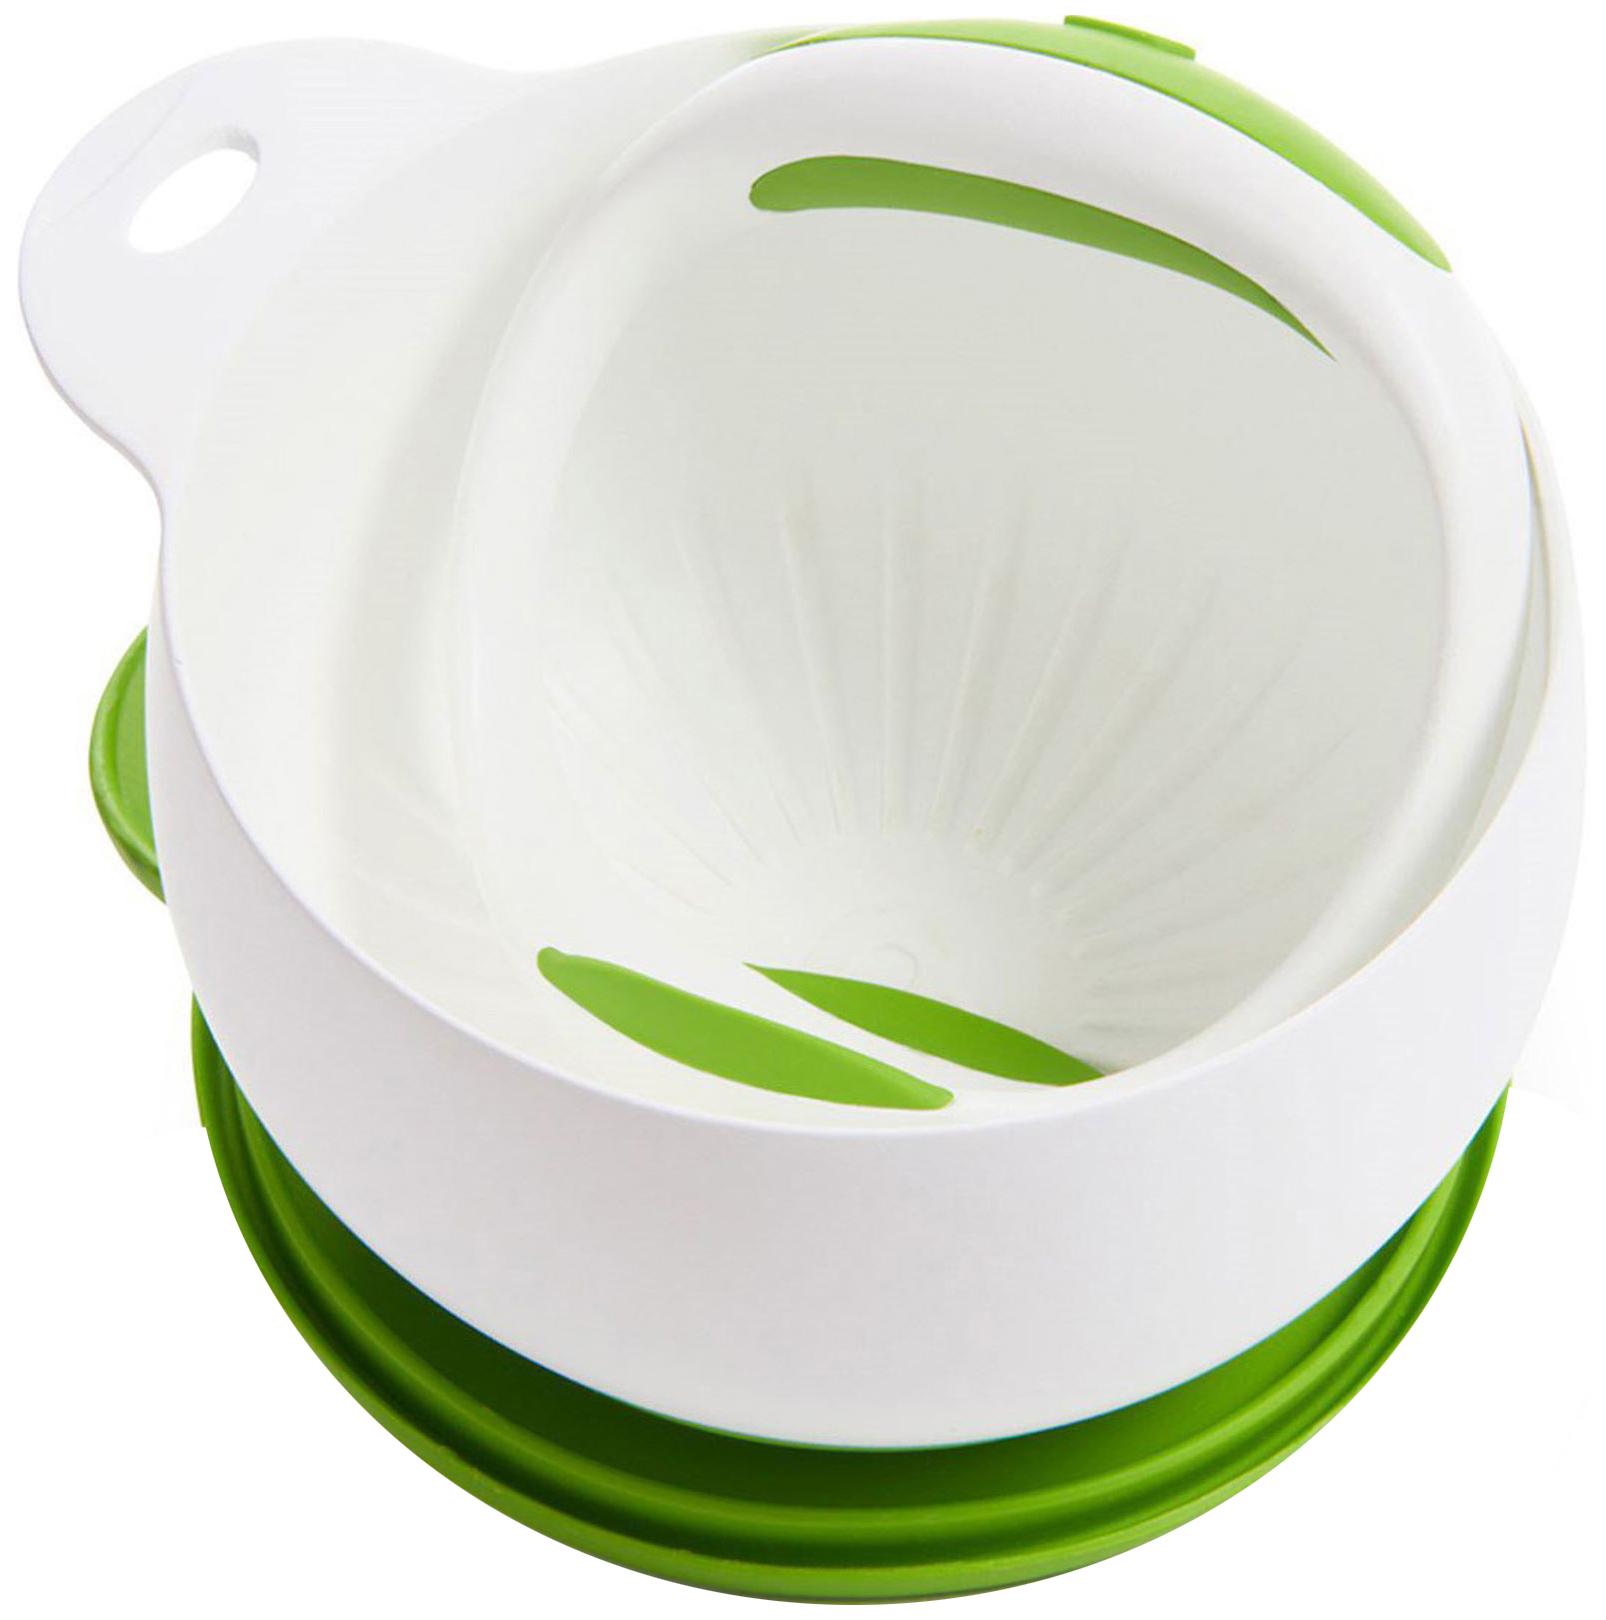 Измельчитель Munchkin 012368 Белый, зеленый